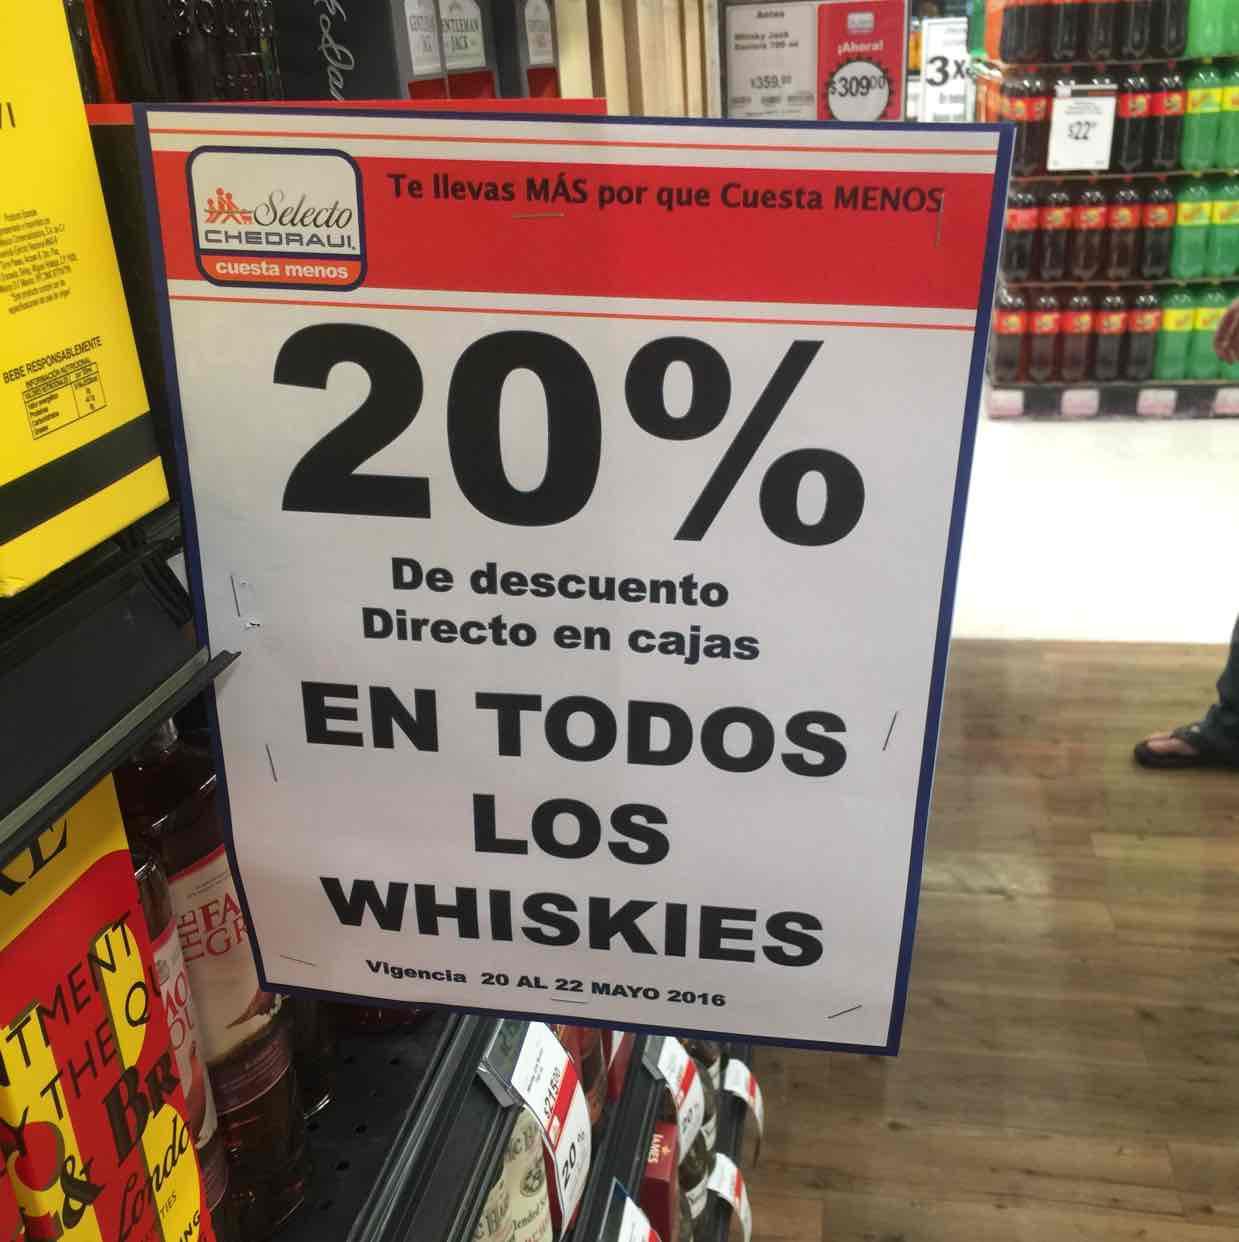 Chedraui: 20% de descuento en todos los Whiskys